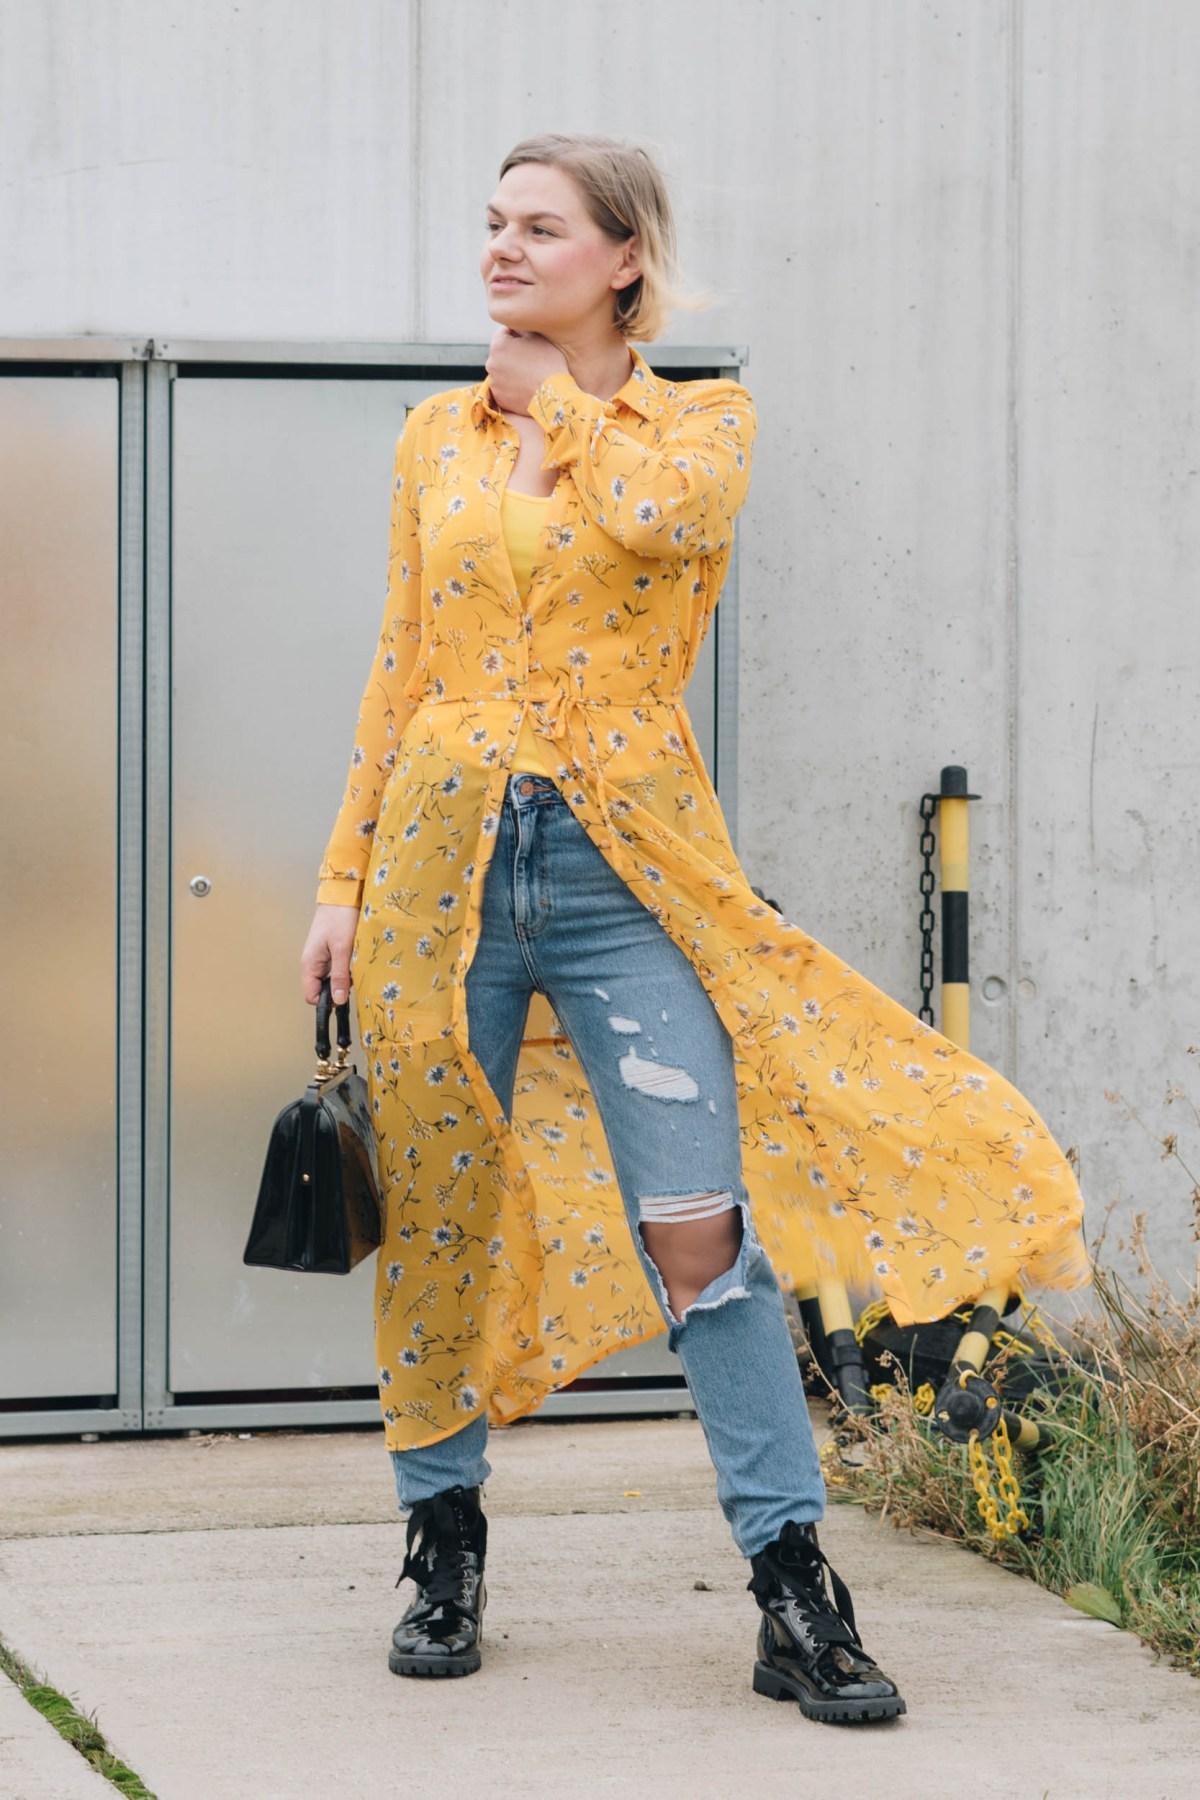 https://i0.wp.com/yellowgirl.at/wp-content/uploads/2019/01/yellowgirl_Valentinstagsoutfit-in-Blumenkleid-von-Only-Jeans-von-New-Look-Lack-Boots-und-Vintage-Lack-Handtasche-8-von-11.jpg?fit=1200%2C1800&ssl=1